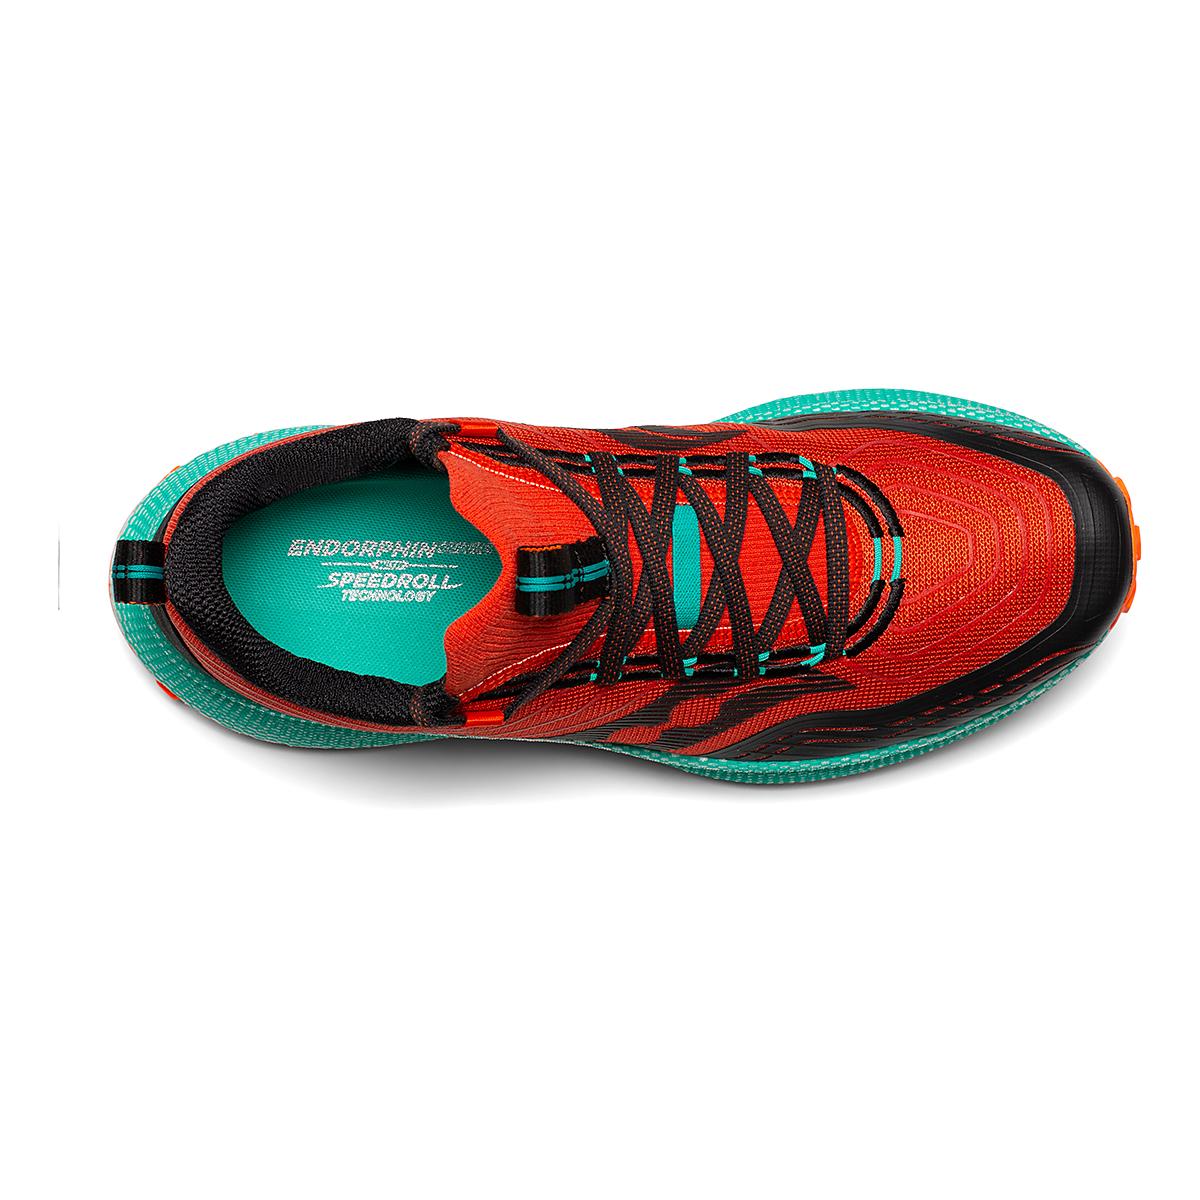 Men's Saucony Endorphin Trail Running Shoe - Color: Scarlet/Black - Size: 7 - Width: Regular, Scarlet/Black, large, image 3